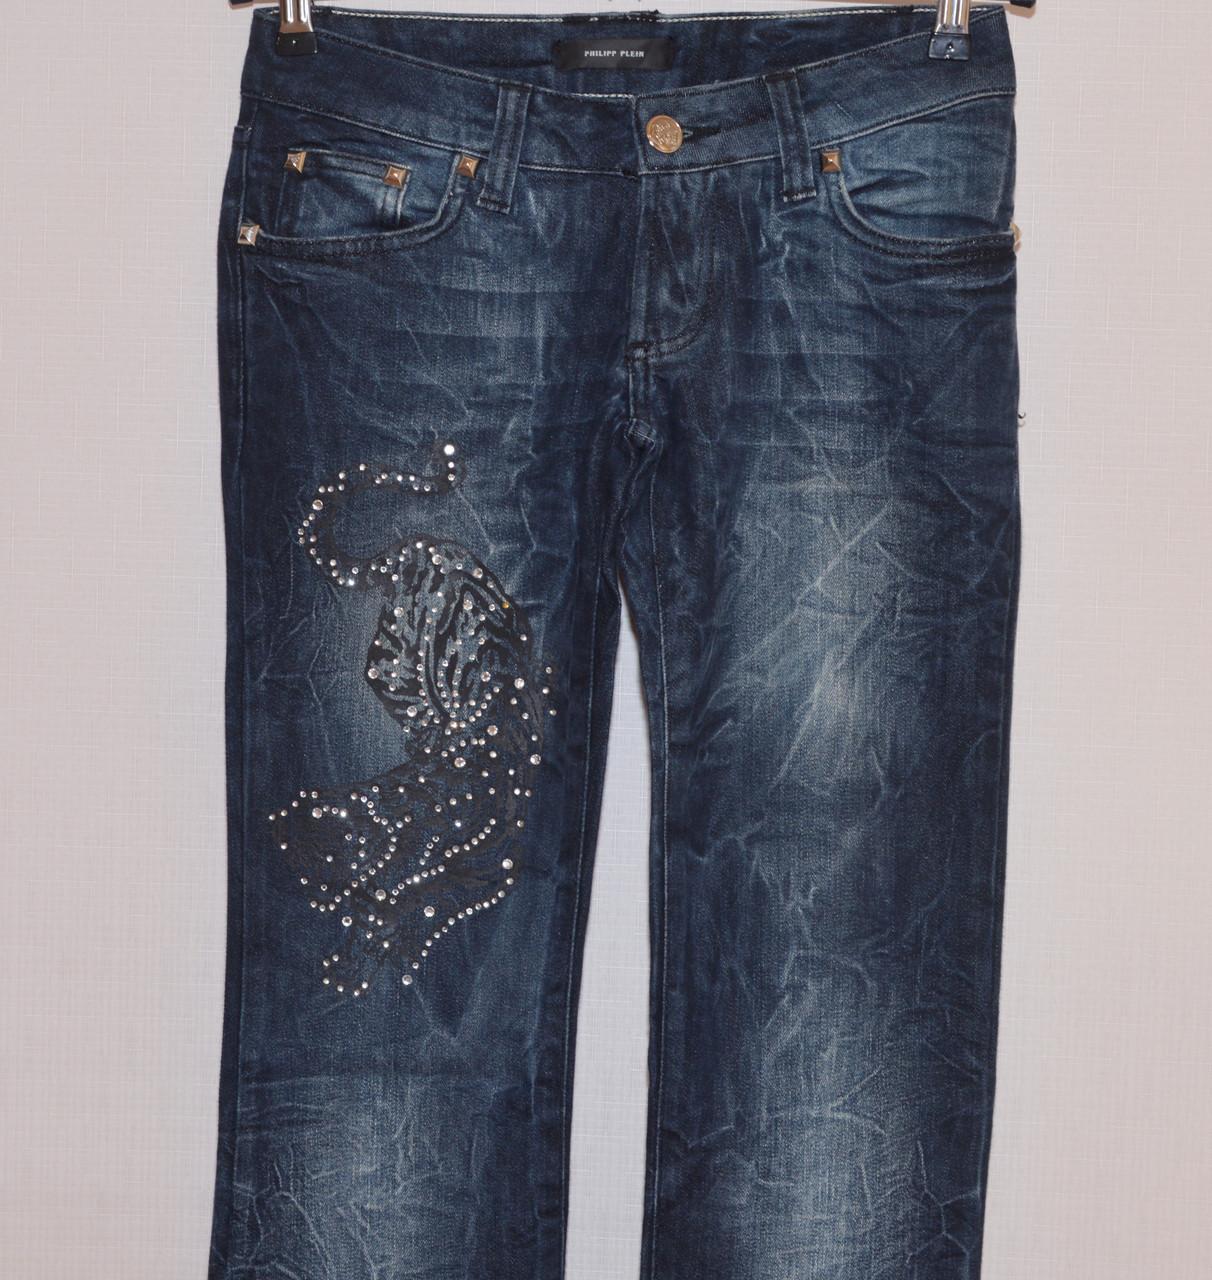 Женские джинсы PHILIPP PLEIN | 3438 (копия)